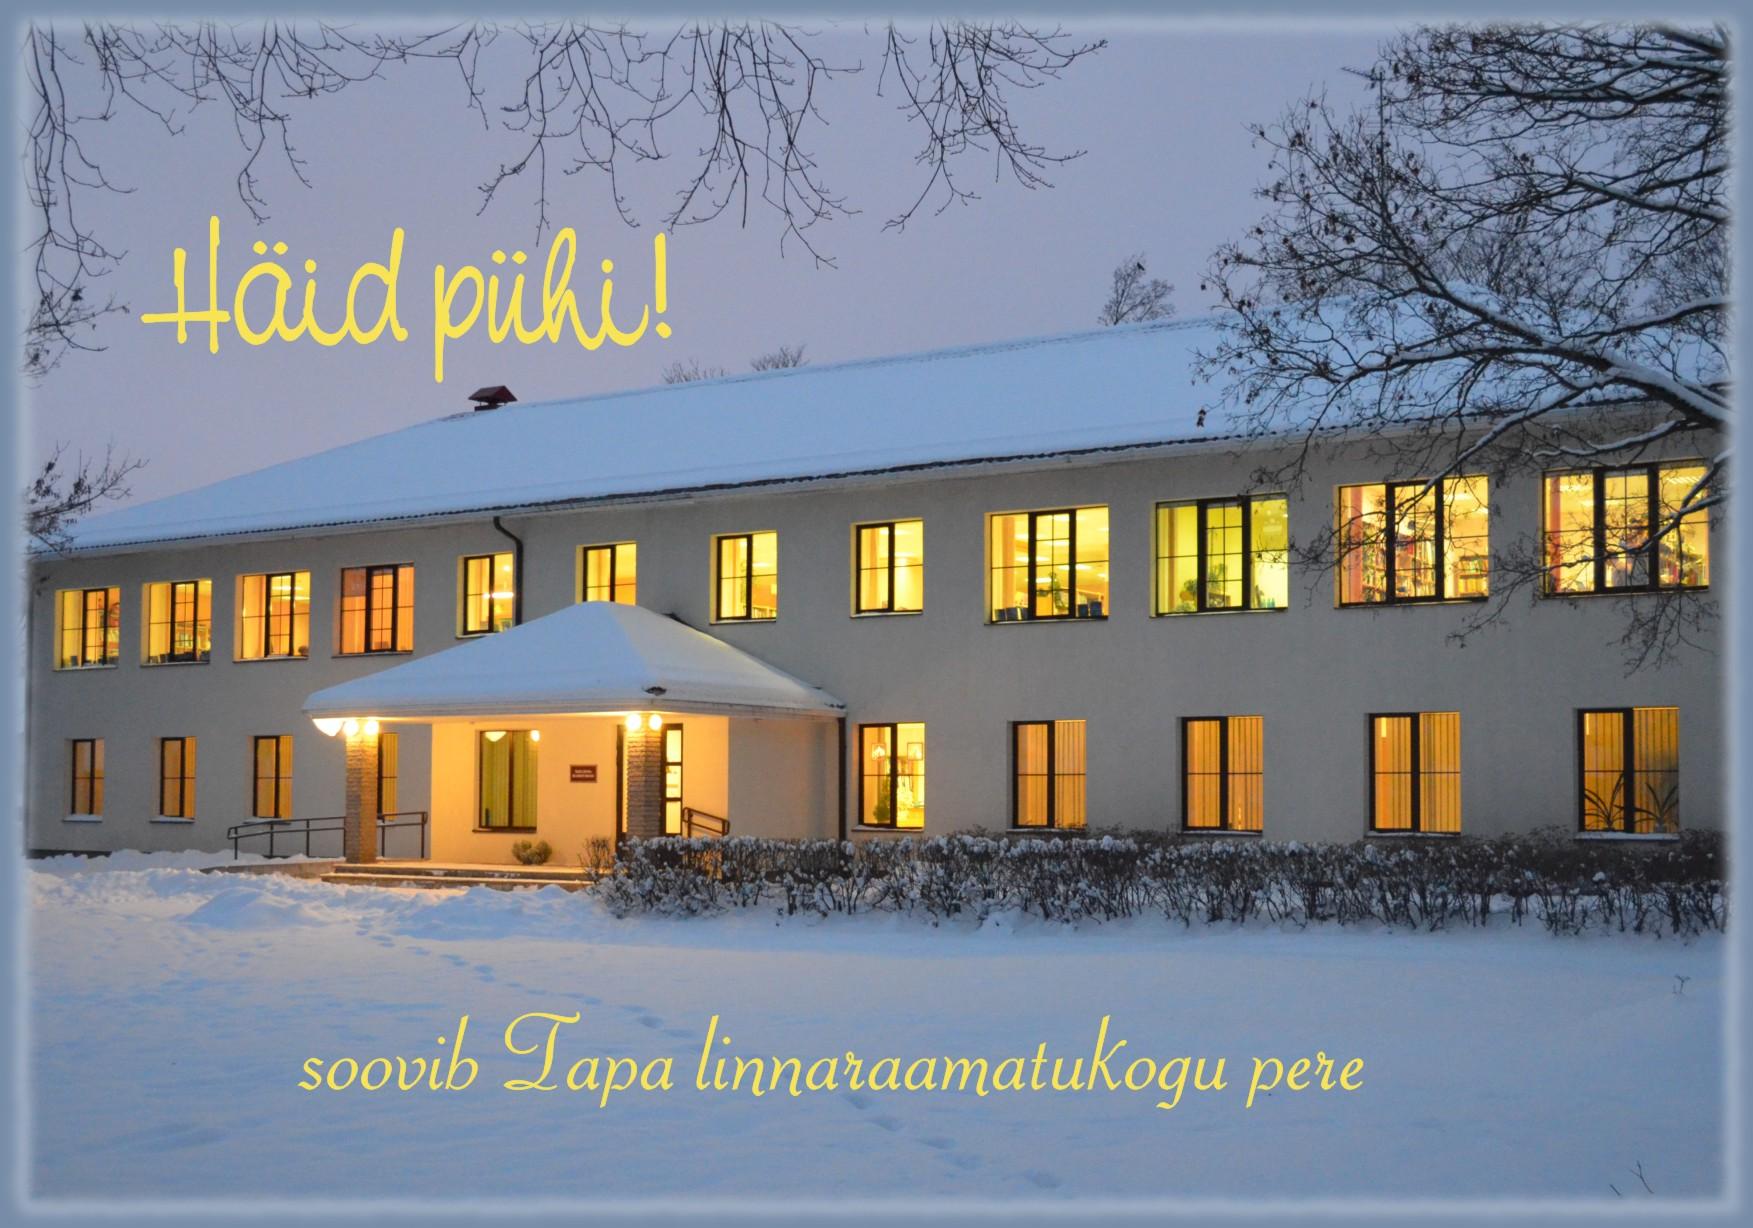 Rõõmsaid pühi ja meeleolukat aastavahetust!